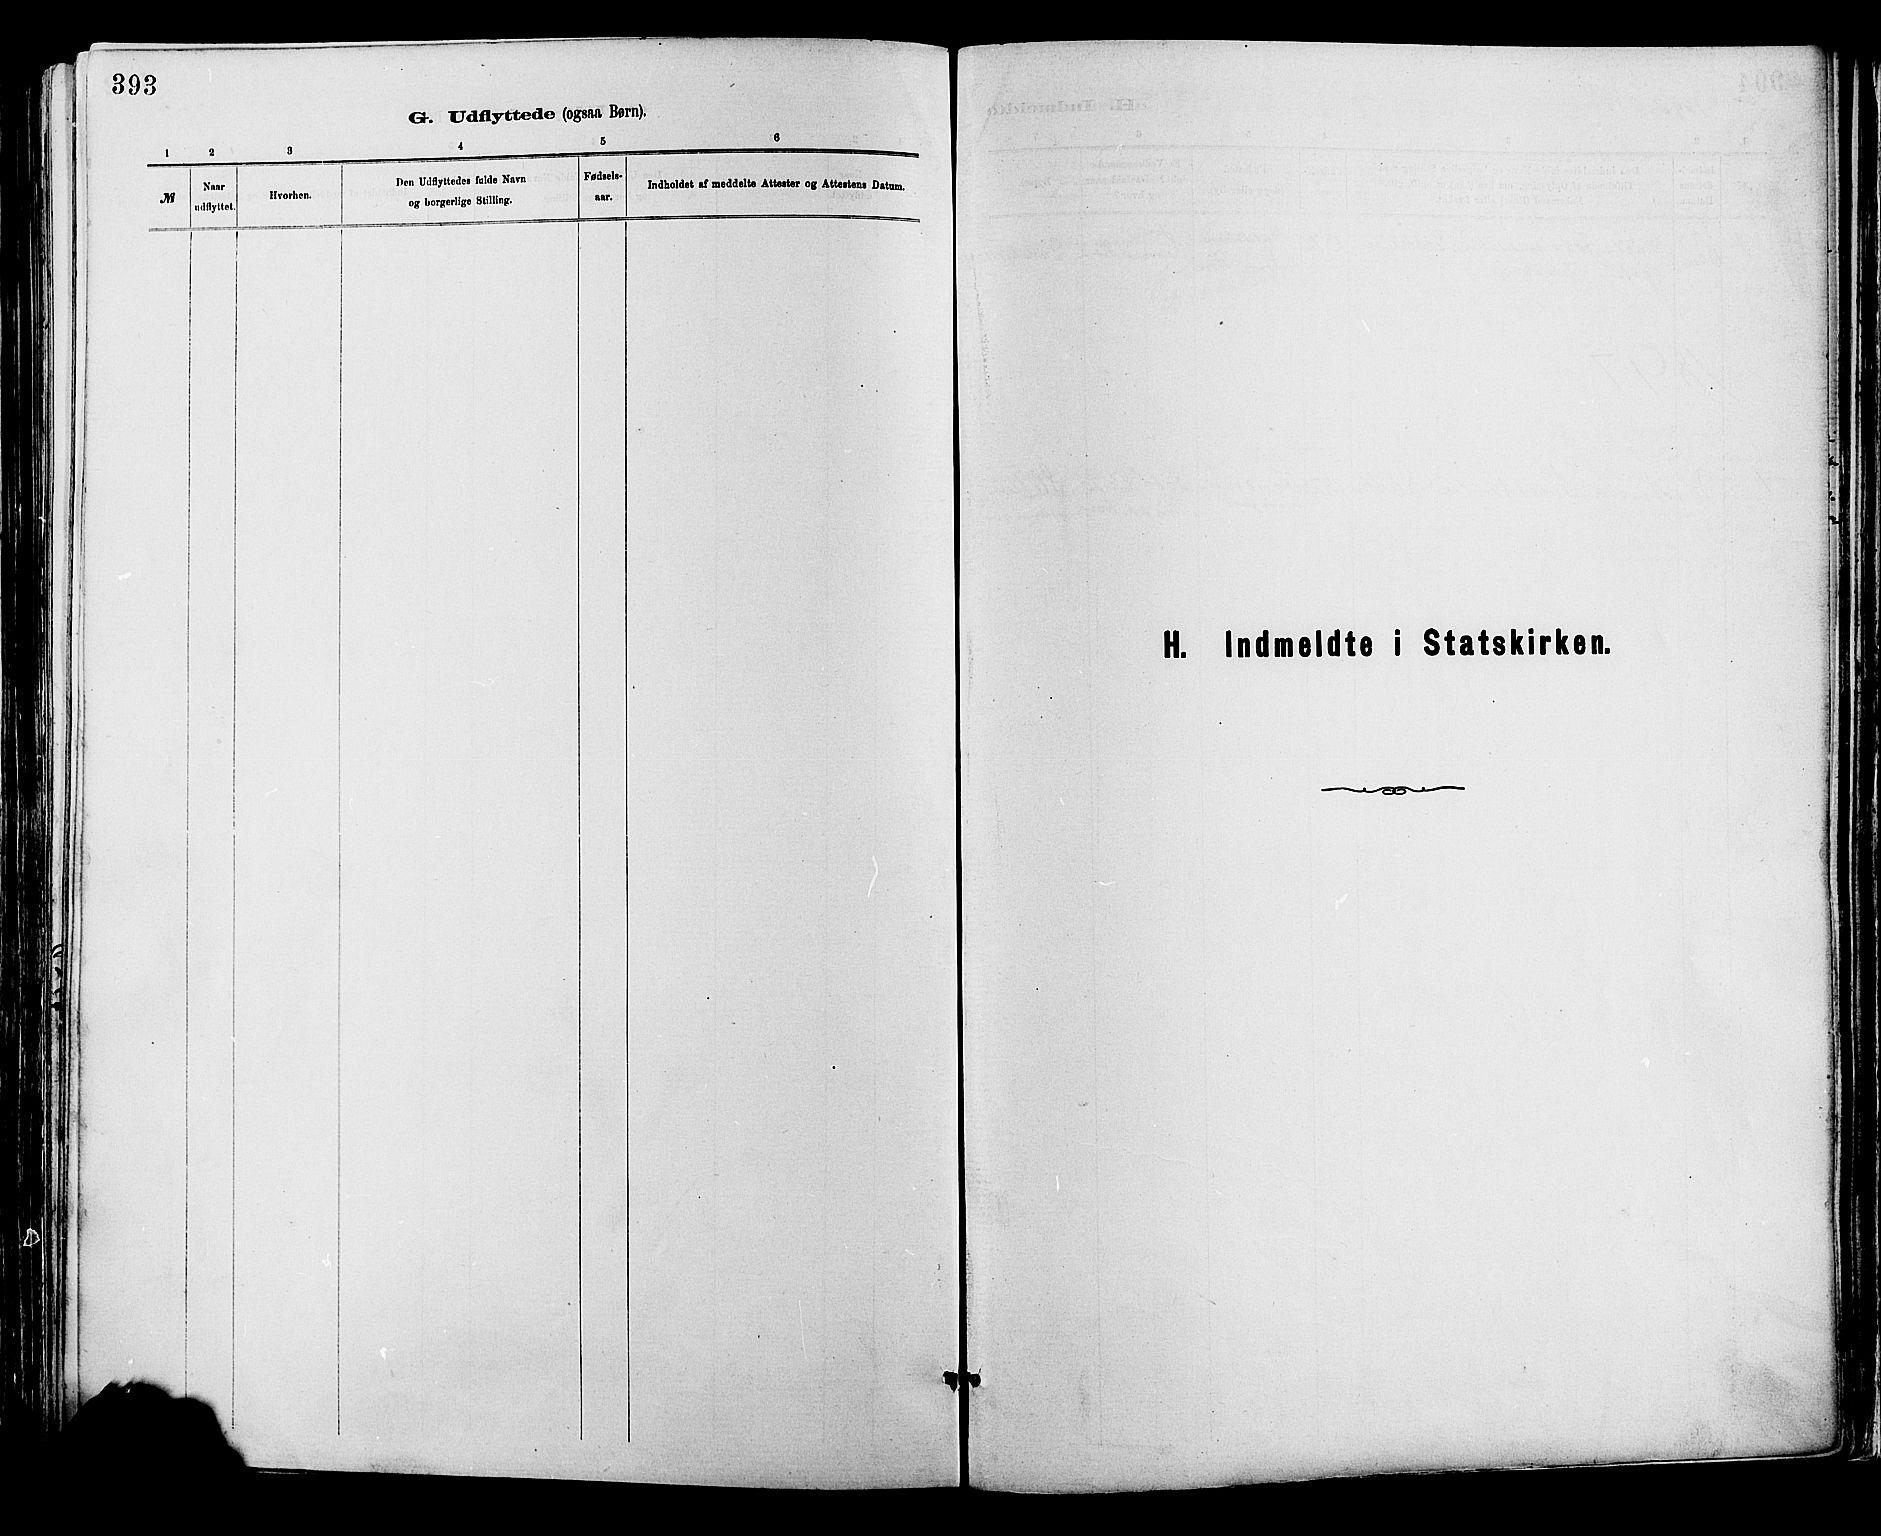 SAH, Sør-Fron prestekontor, H/Ha/Haa/L0003: Ministerialbok nr. 3, 1881-1897, s. 393